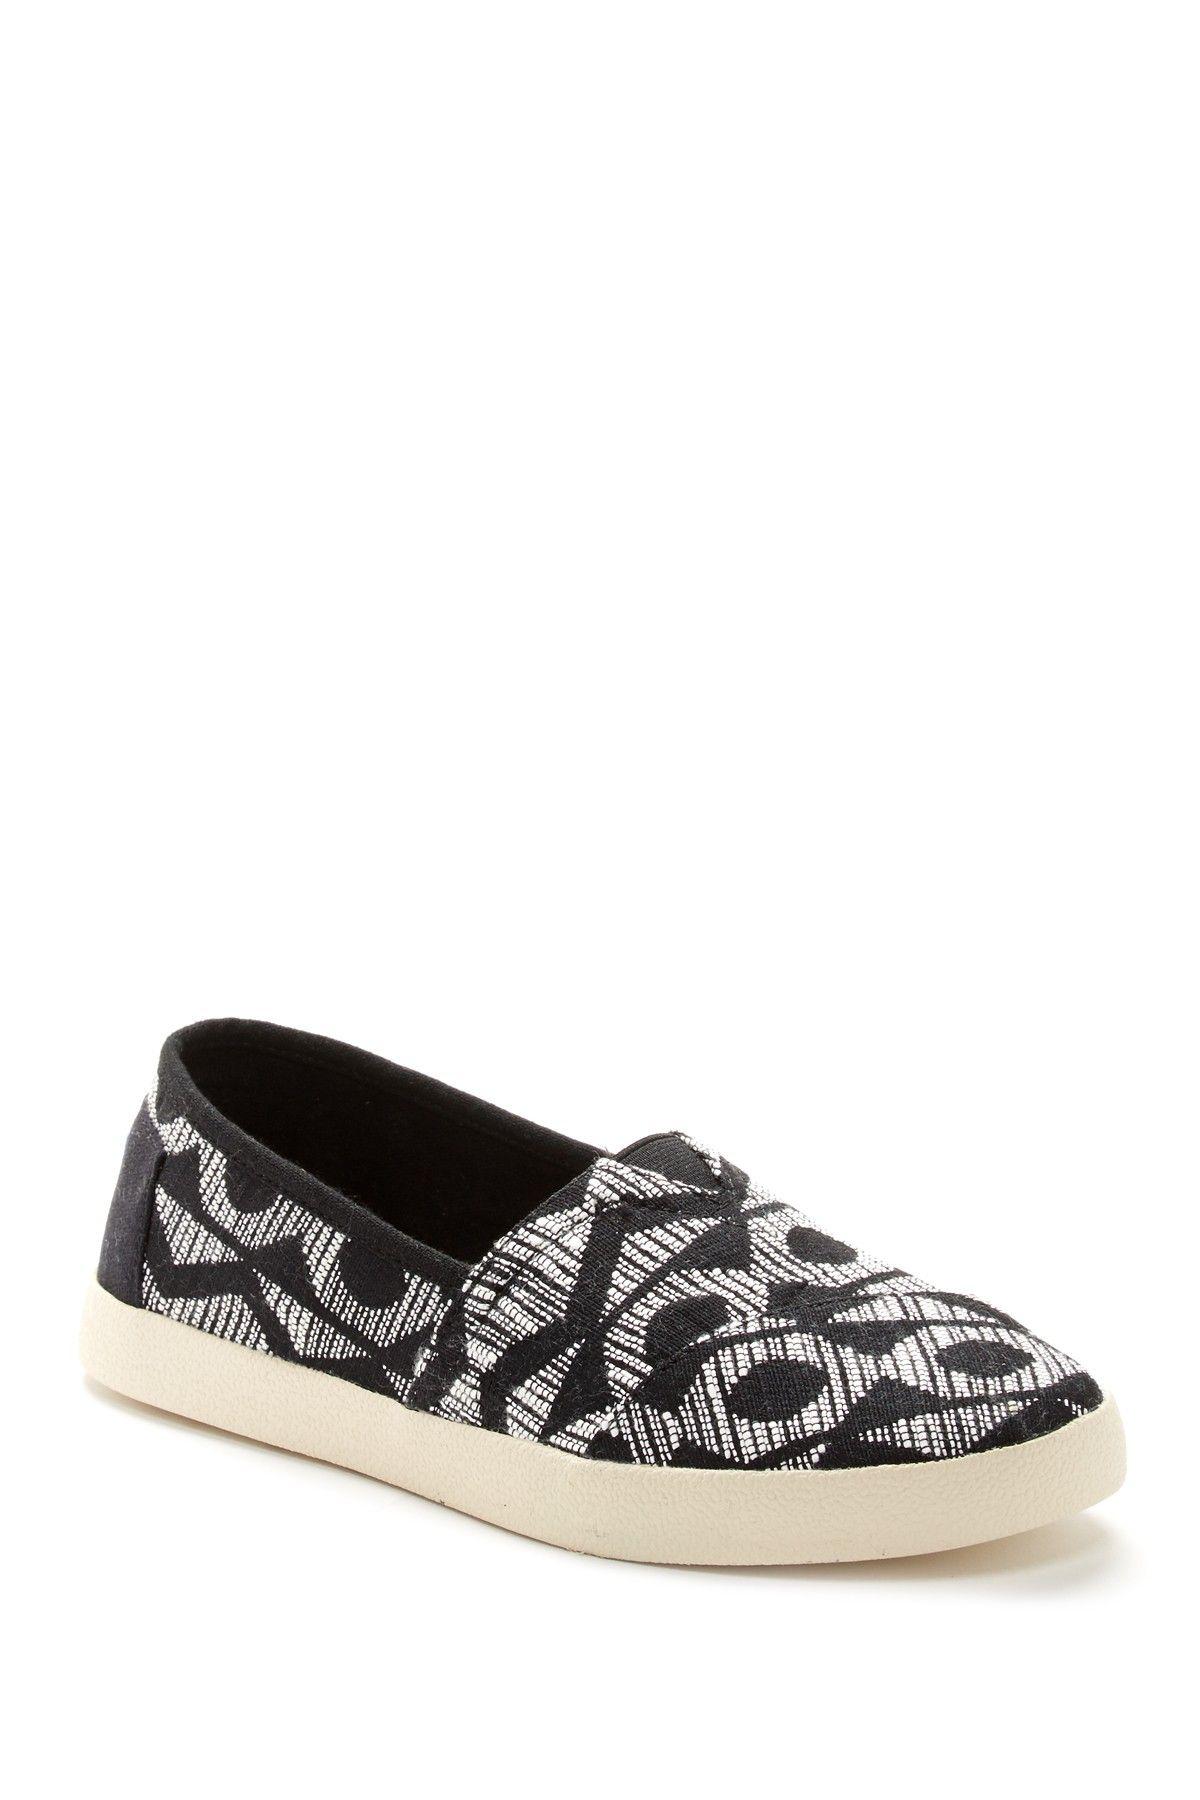 Avalon Woven Slip-On Sneaker